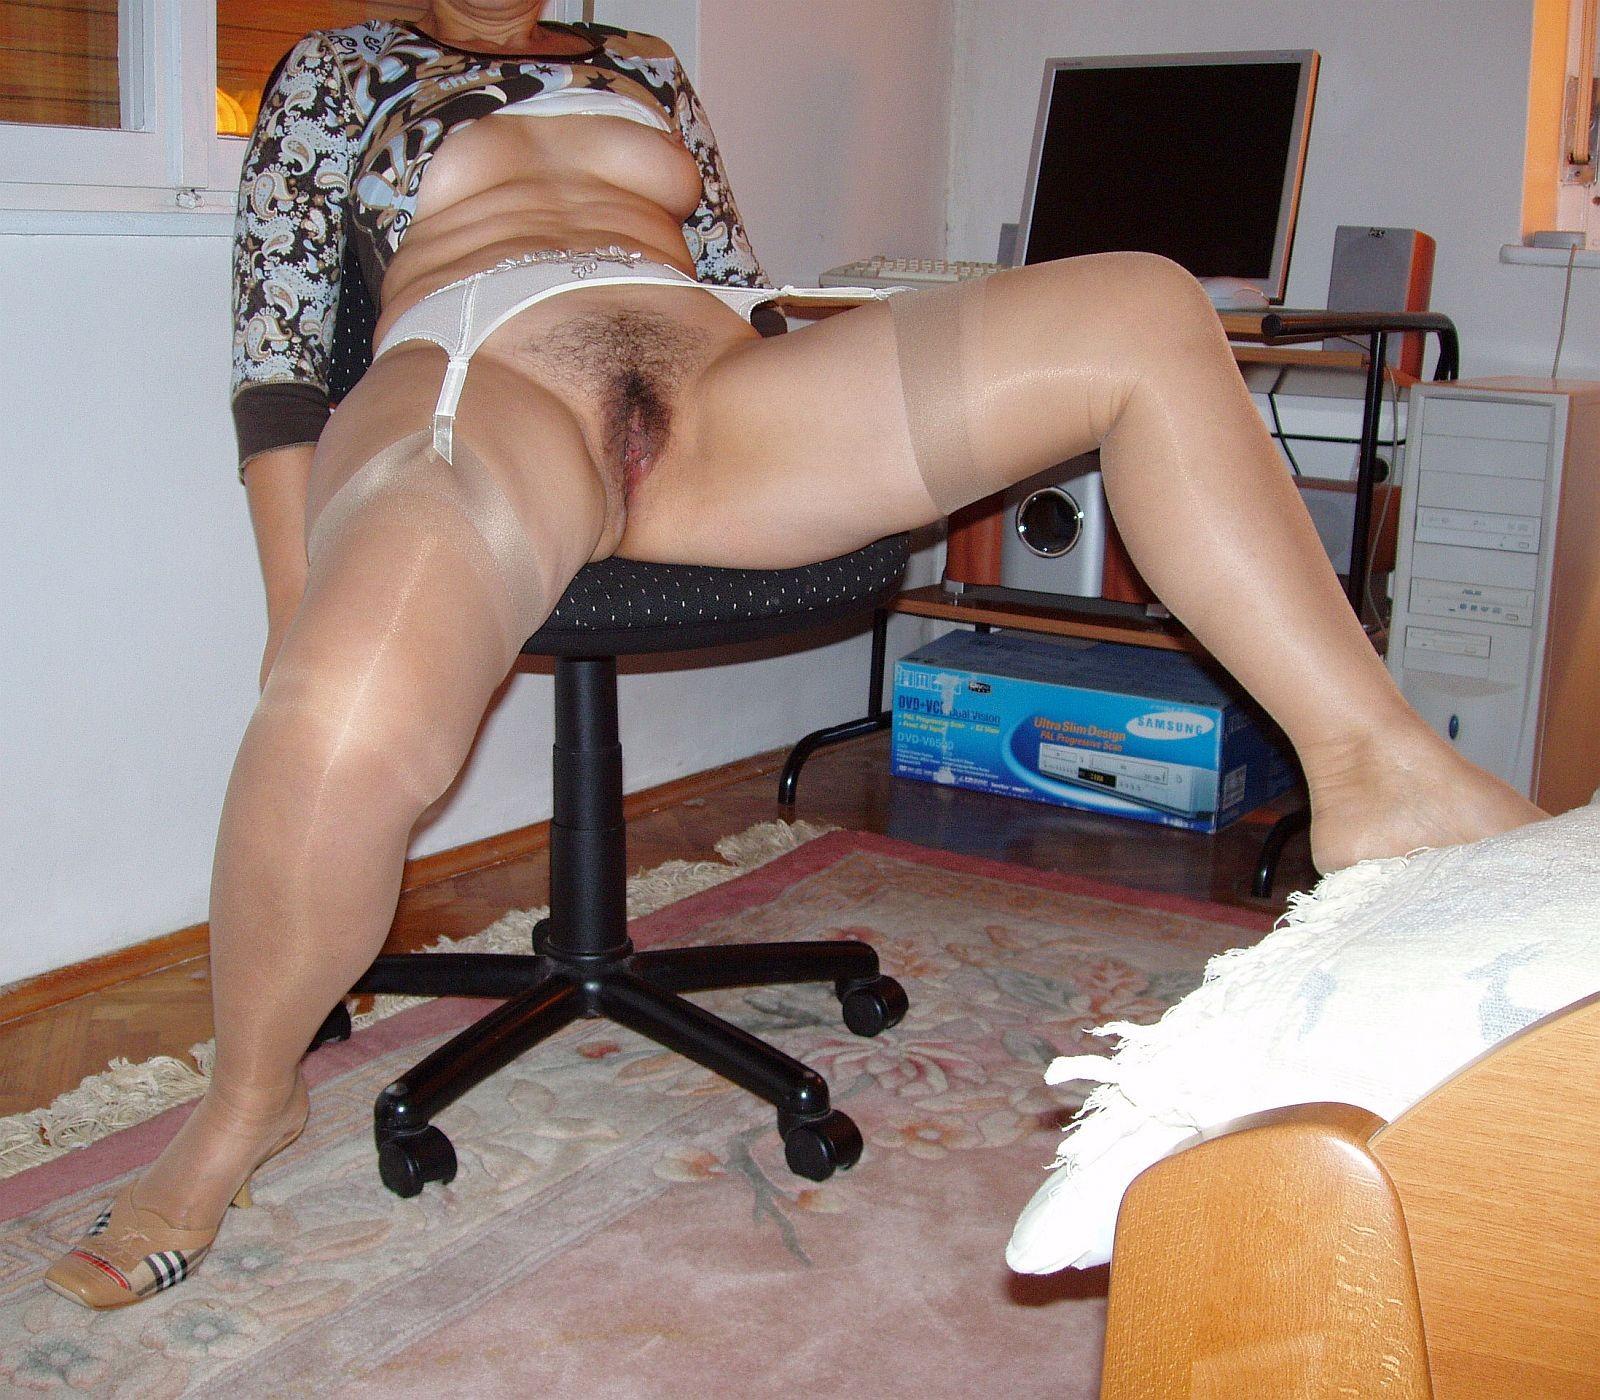 Тур огромными порно фото пизды зрелые колготках секс